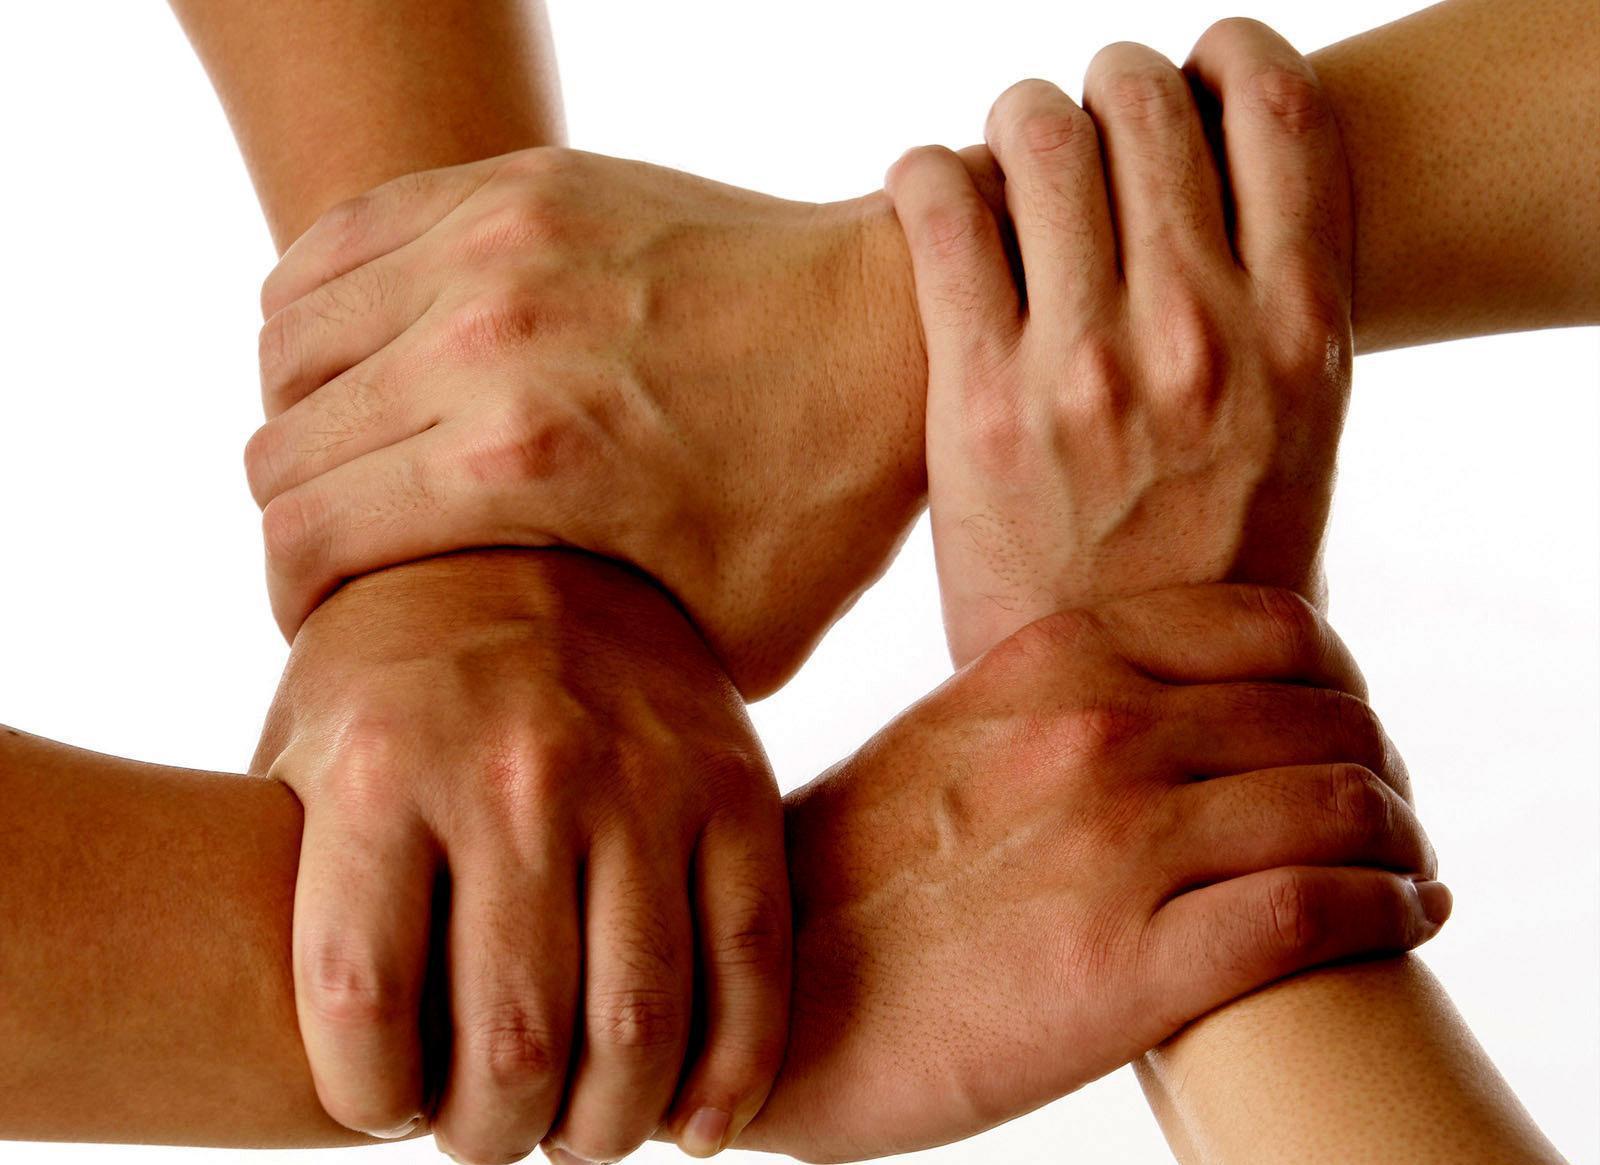 В Баку состоится международная конференция по применению Европейской Конвенции о защите прав человека